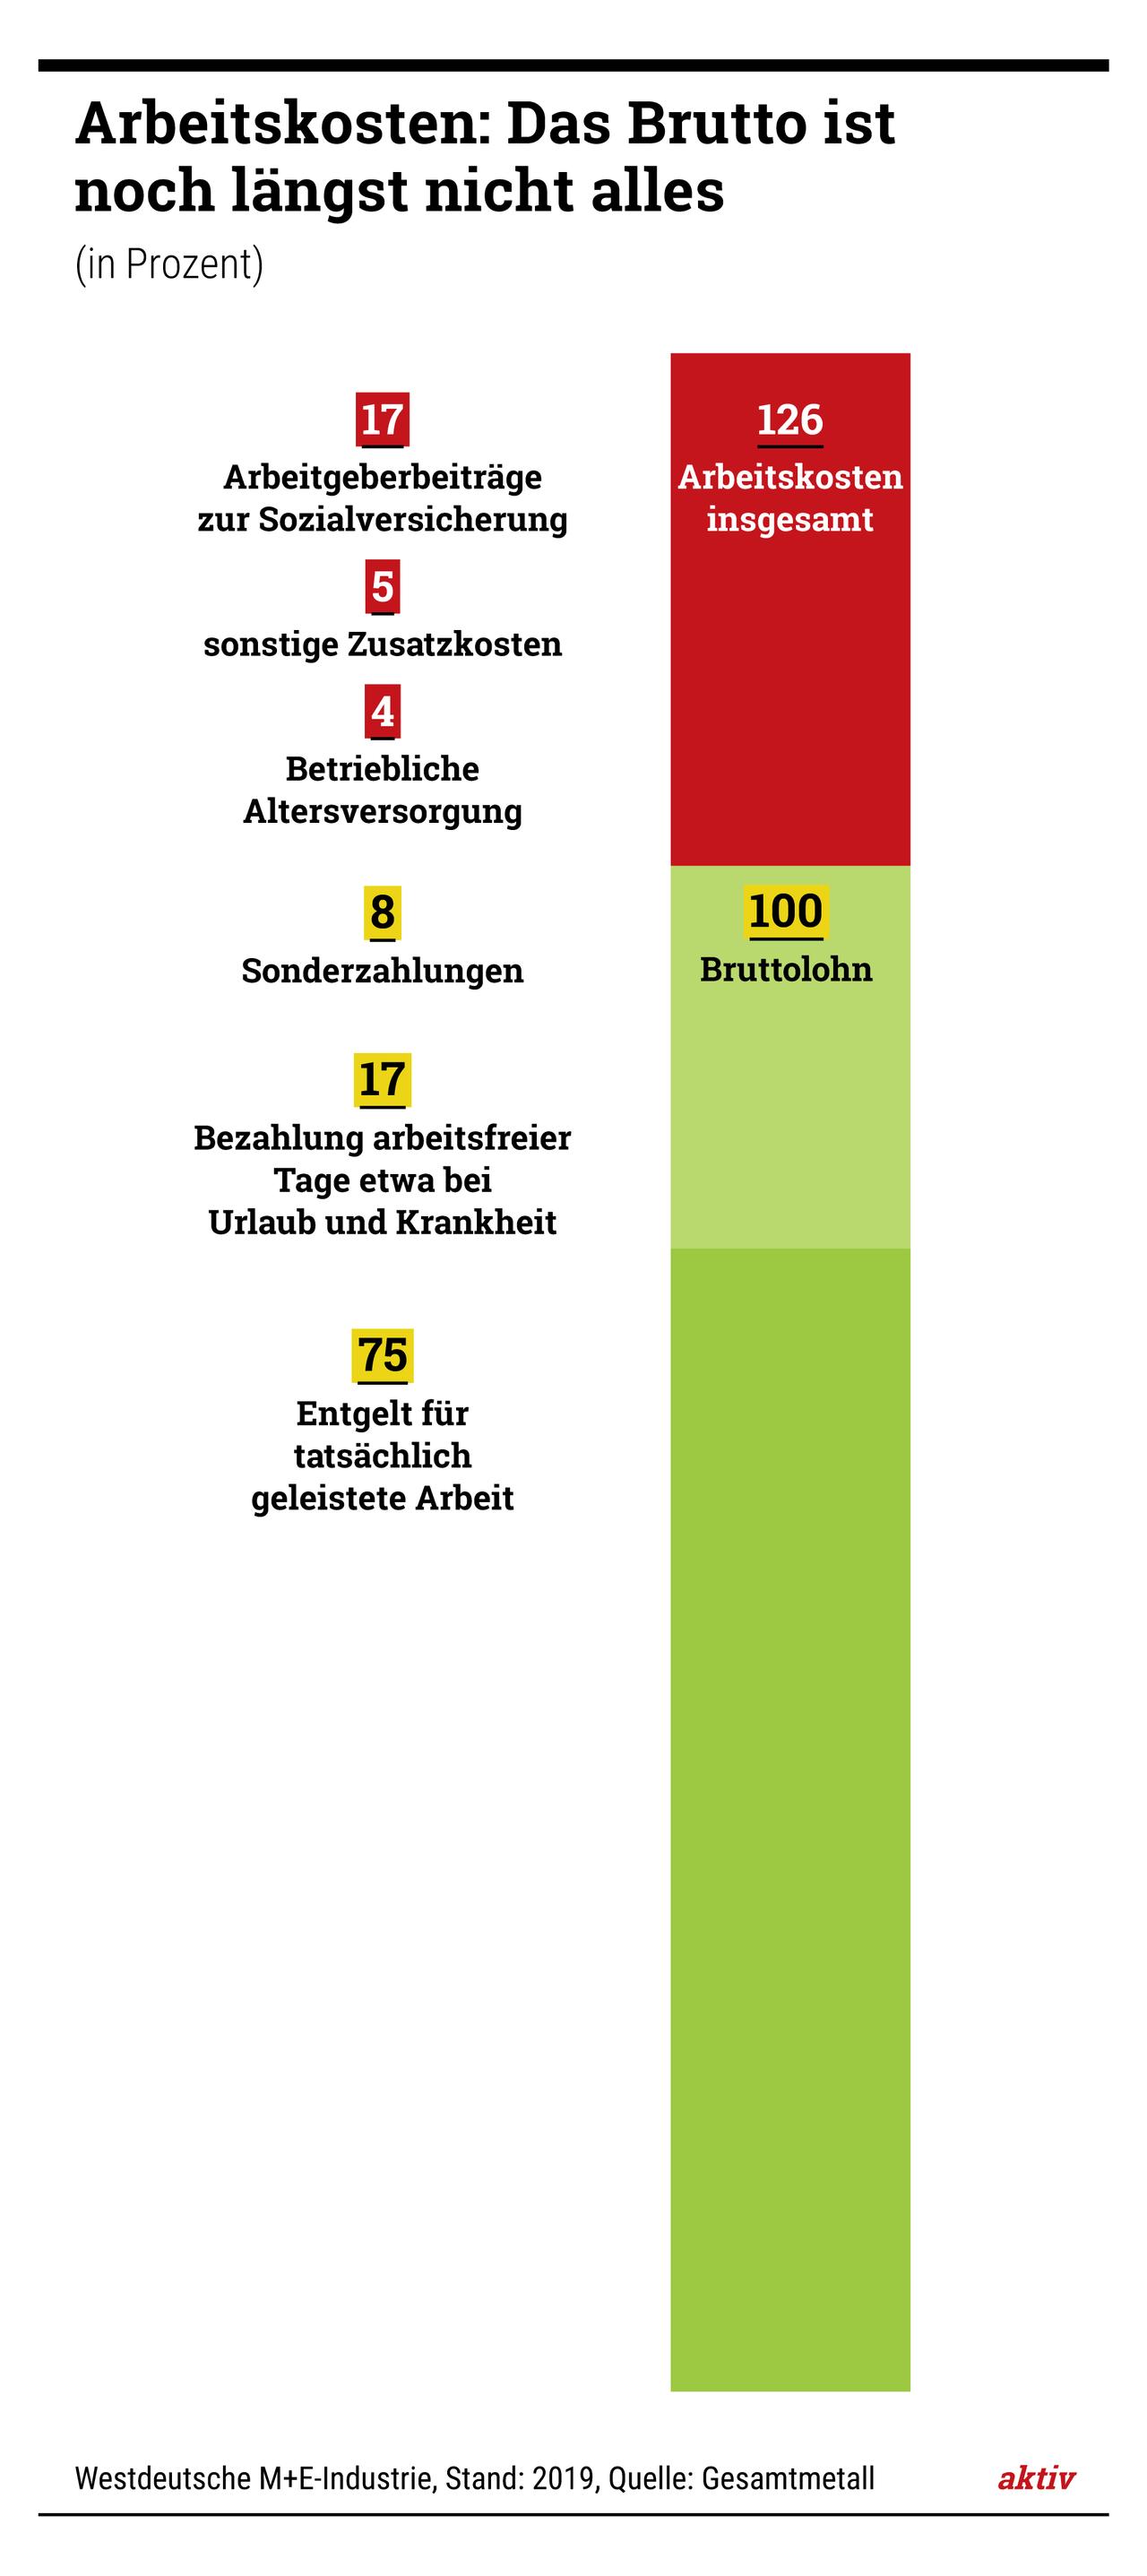 Flexibel, digital, effizient und nachhaltig: Die Factory 56 am Standort Sindelfingen verkörpert die Zukunft der Produktion bei Mercedes-Benz und setzt neue Maßstäbe für den Automobilbau.  Zunächst rollt in der Factory 56 die neue Generation der Mercedes-Benz S-Klasse Limousine und Langversion vom Band. Später werden hier auch der S-Klasse Maybach sowie der EQS, das erste vollelektrische Mitglied der neuen S-Klasse Familie, vollflexibel auf der gleichen Linie produziert.   Flexible, digital, efficient and sustainable: Factory 56 at the Sindelfingen plant embodies the future of production at Mercedes-Benz and sets new standards for the automotive industry. First, the new generation of the Mercedes-Benz S-Class sedan and long version rolls off the production line in the Factory 56. Later, the S-Class Maybach and the EQS, the first all-electric member of the new S-Class family, will also be produced on the same line.